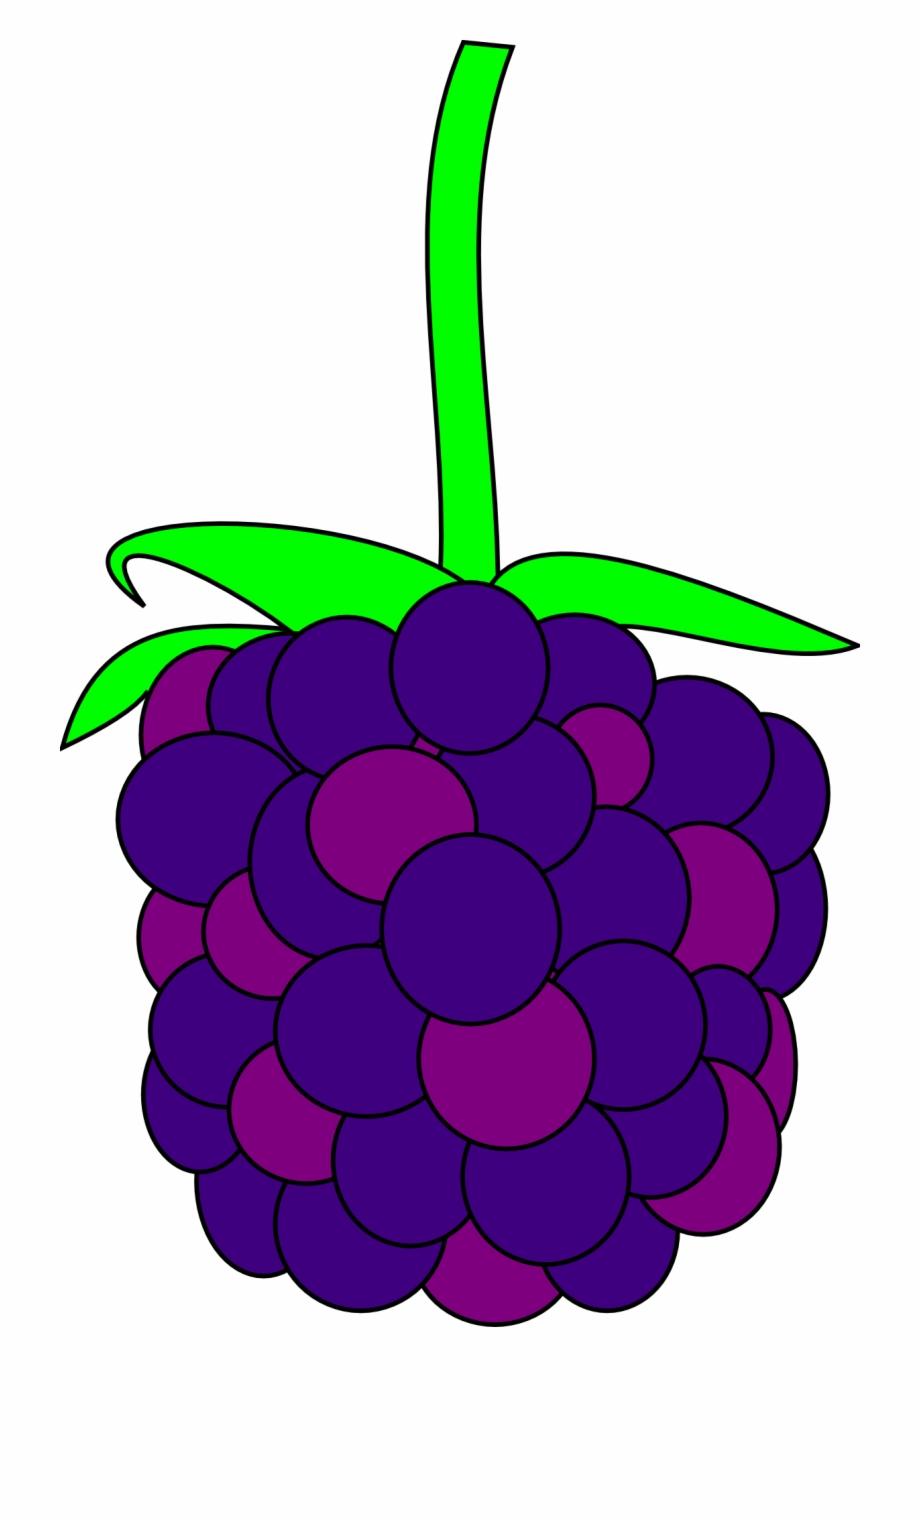 Blackberry Fruit Fresh Berry Design.